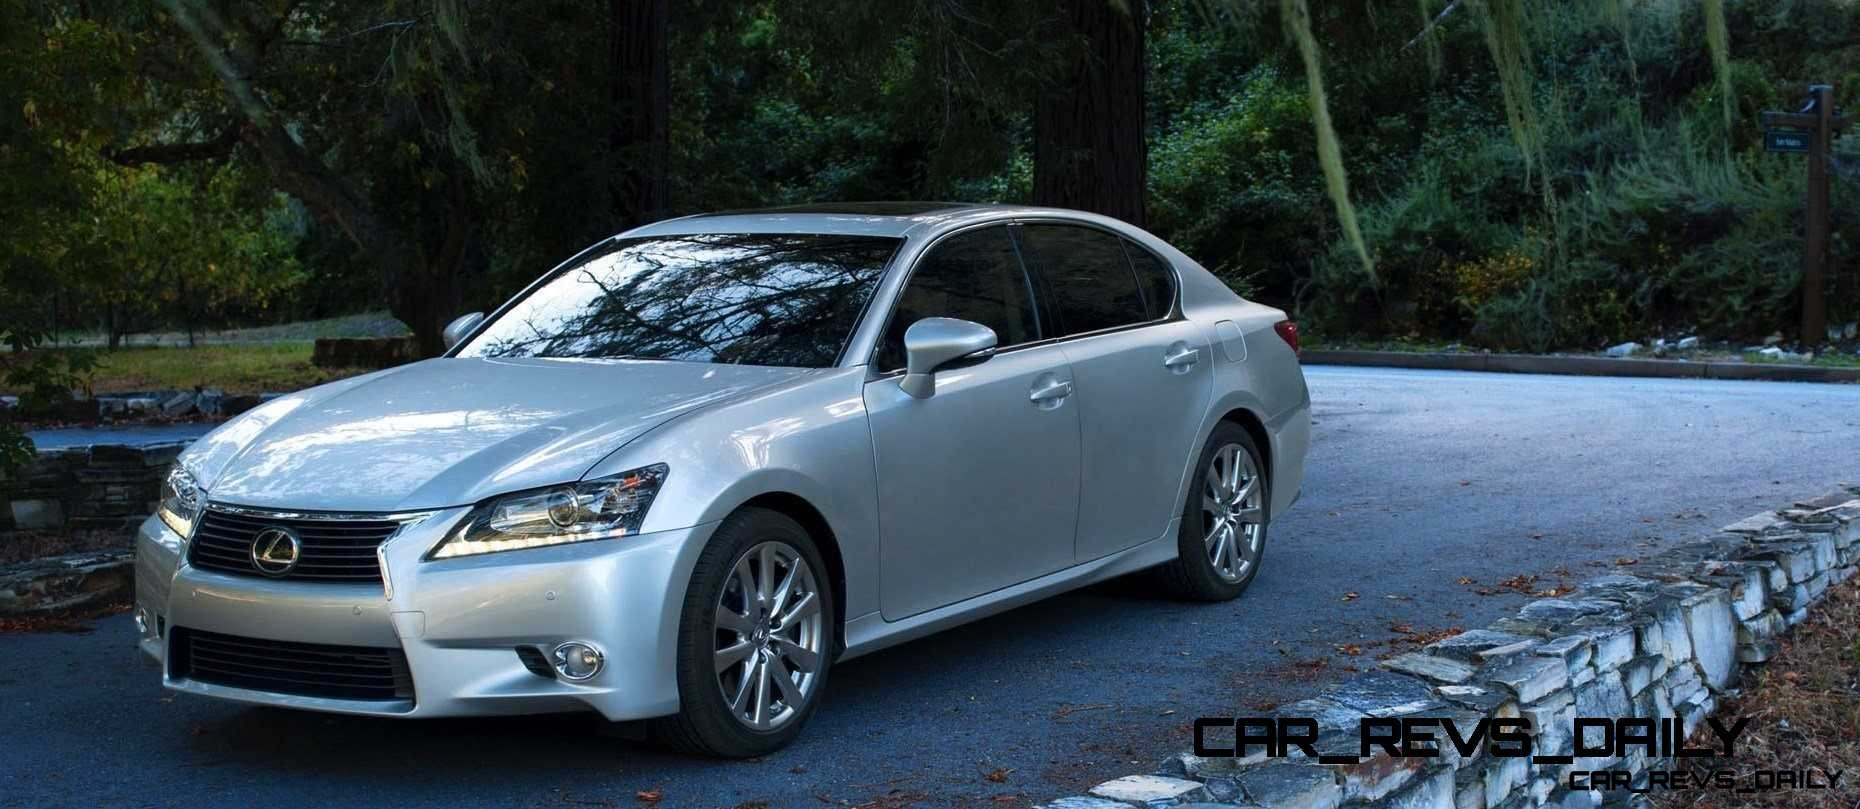 2014_Lexus_GS_350_007